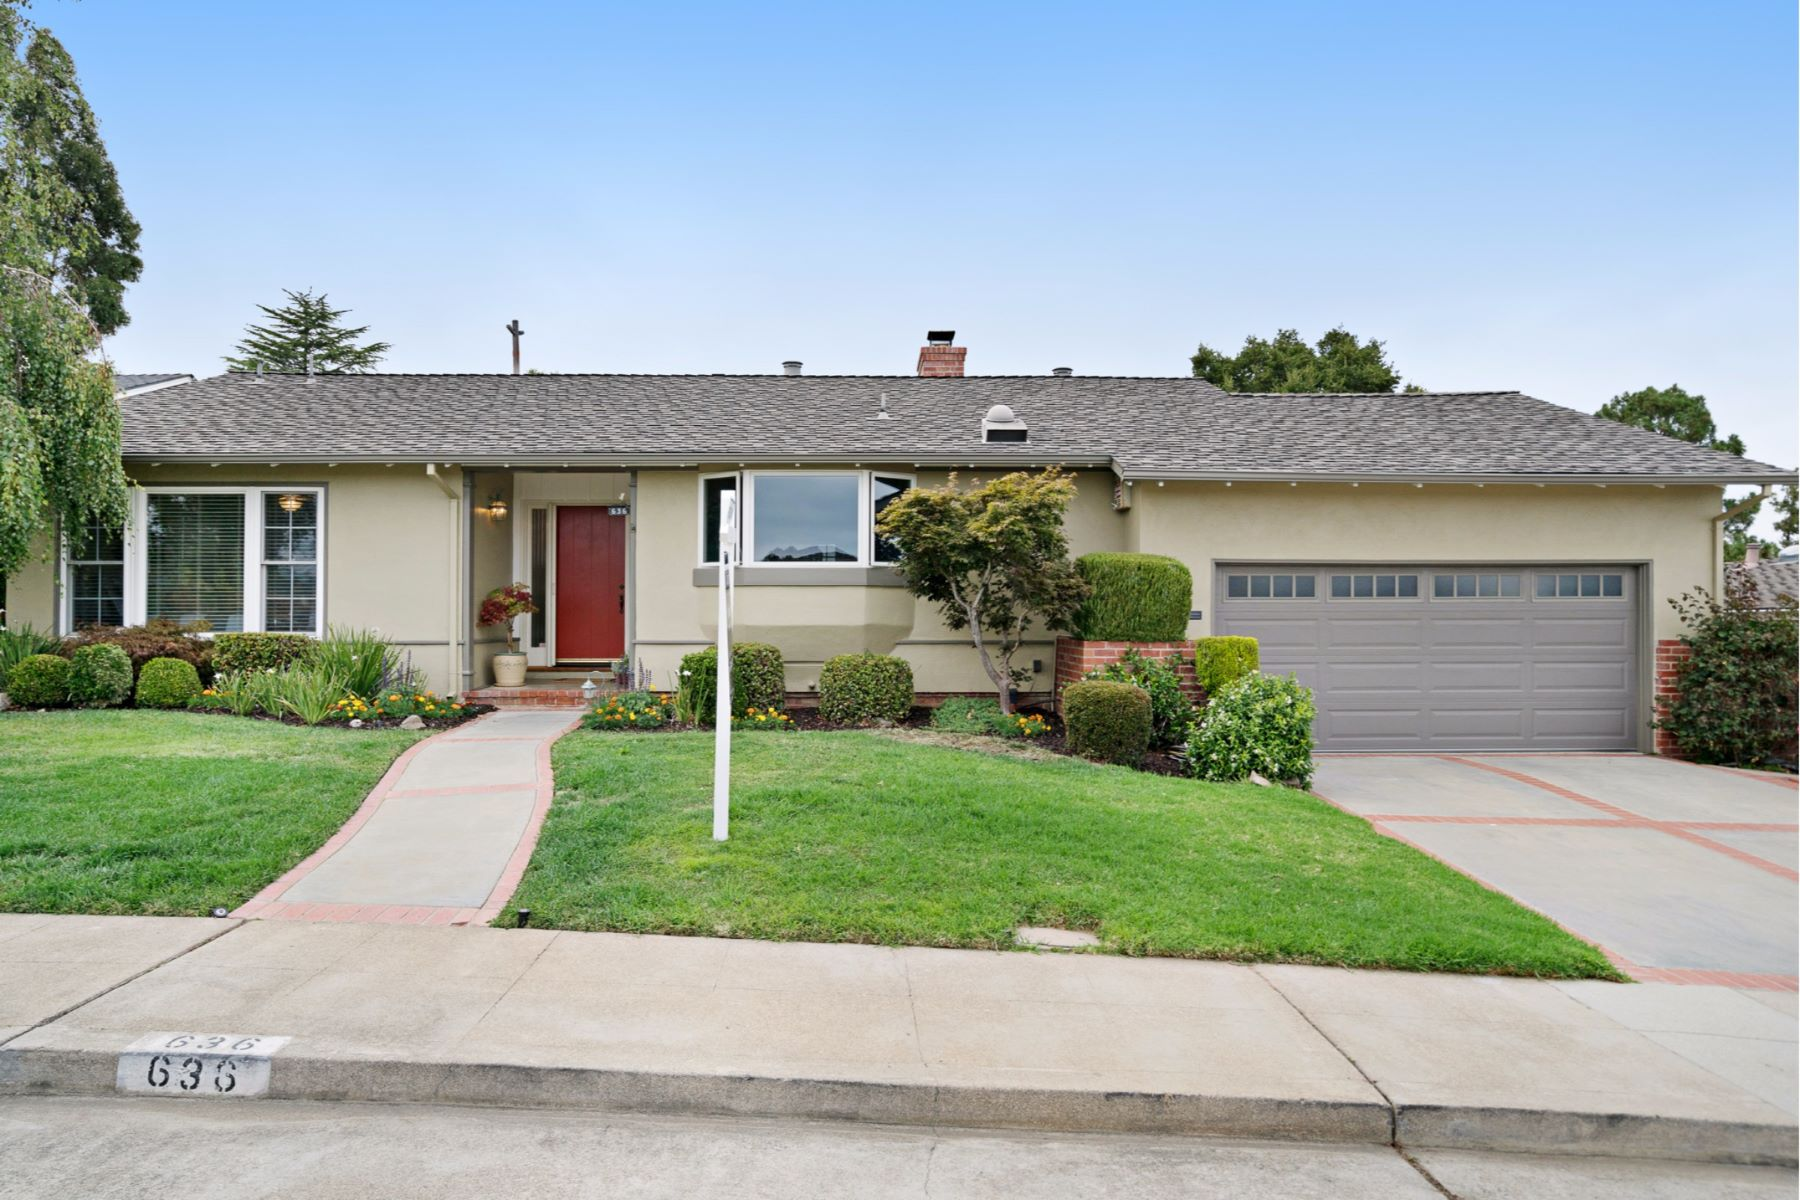 Частный односемейный дом для того Продажа на 636 Hobart Avenue San Mateo, Калифорния 94402 Соединенные Штаты